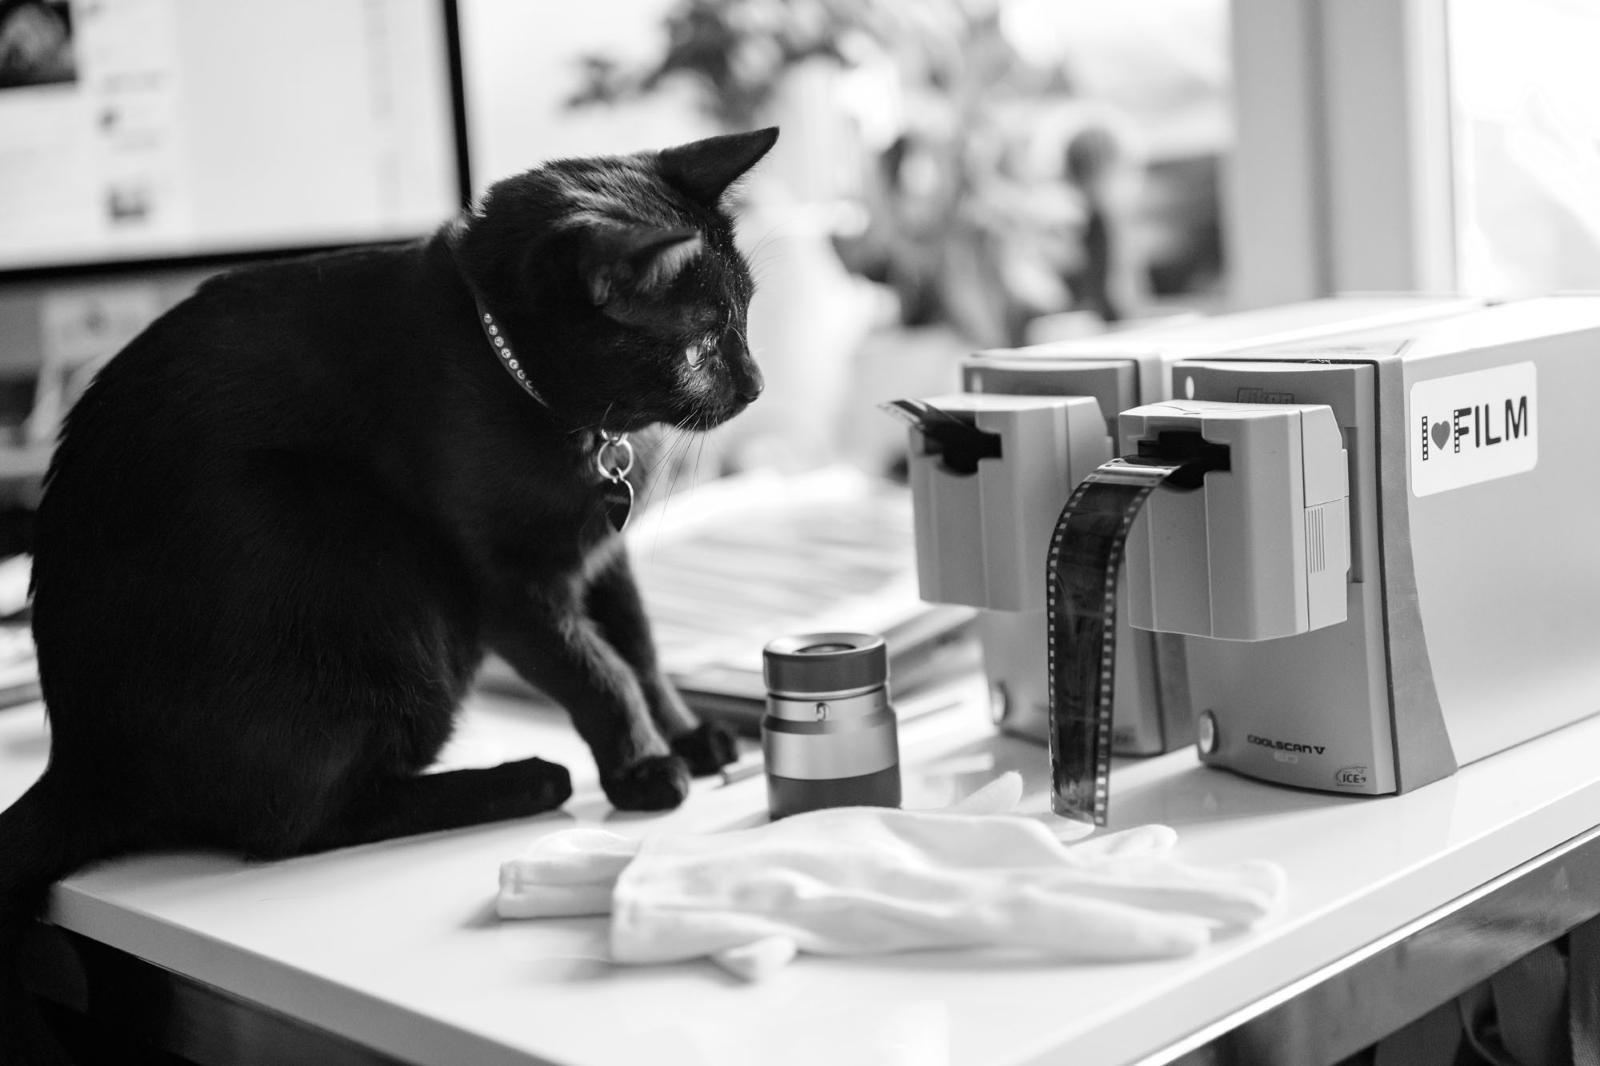 Котики поработят мир: как сфотографировать любимца, чтобы получить максимум лайков